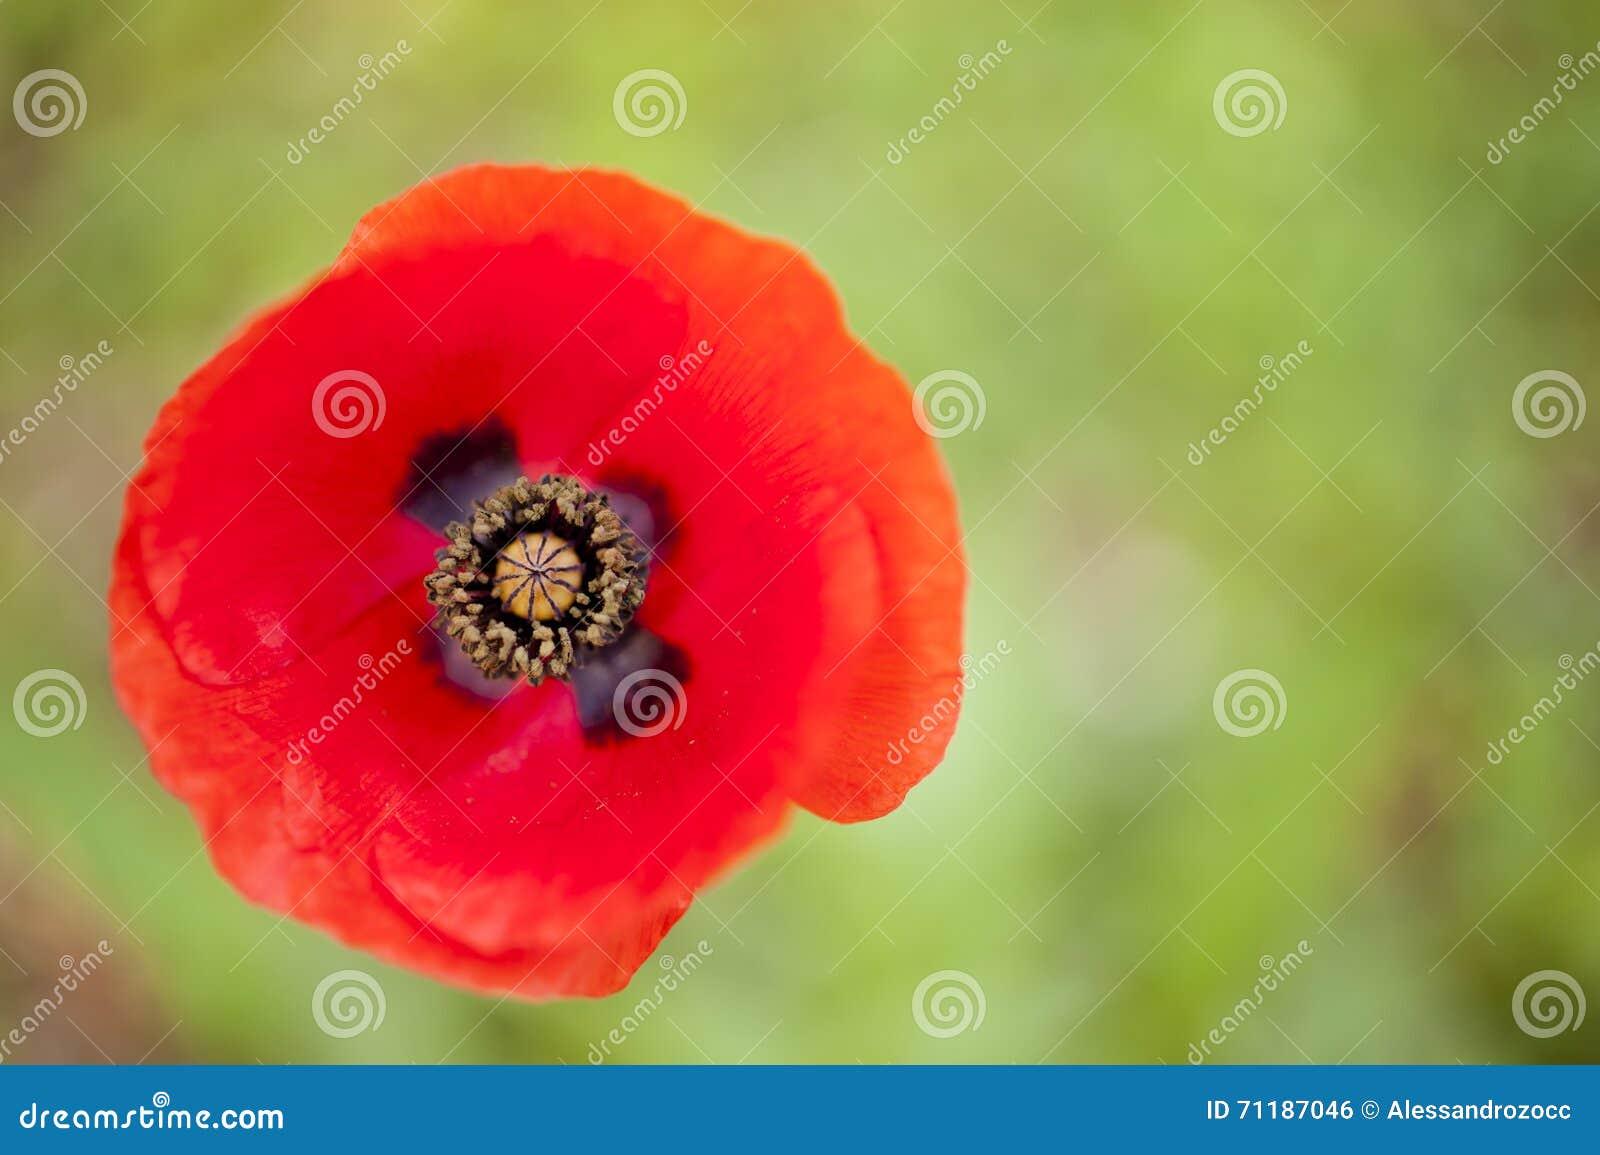 Red Poppy Flower Bud Stock Photo Image Of Flower Summer 71187046